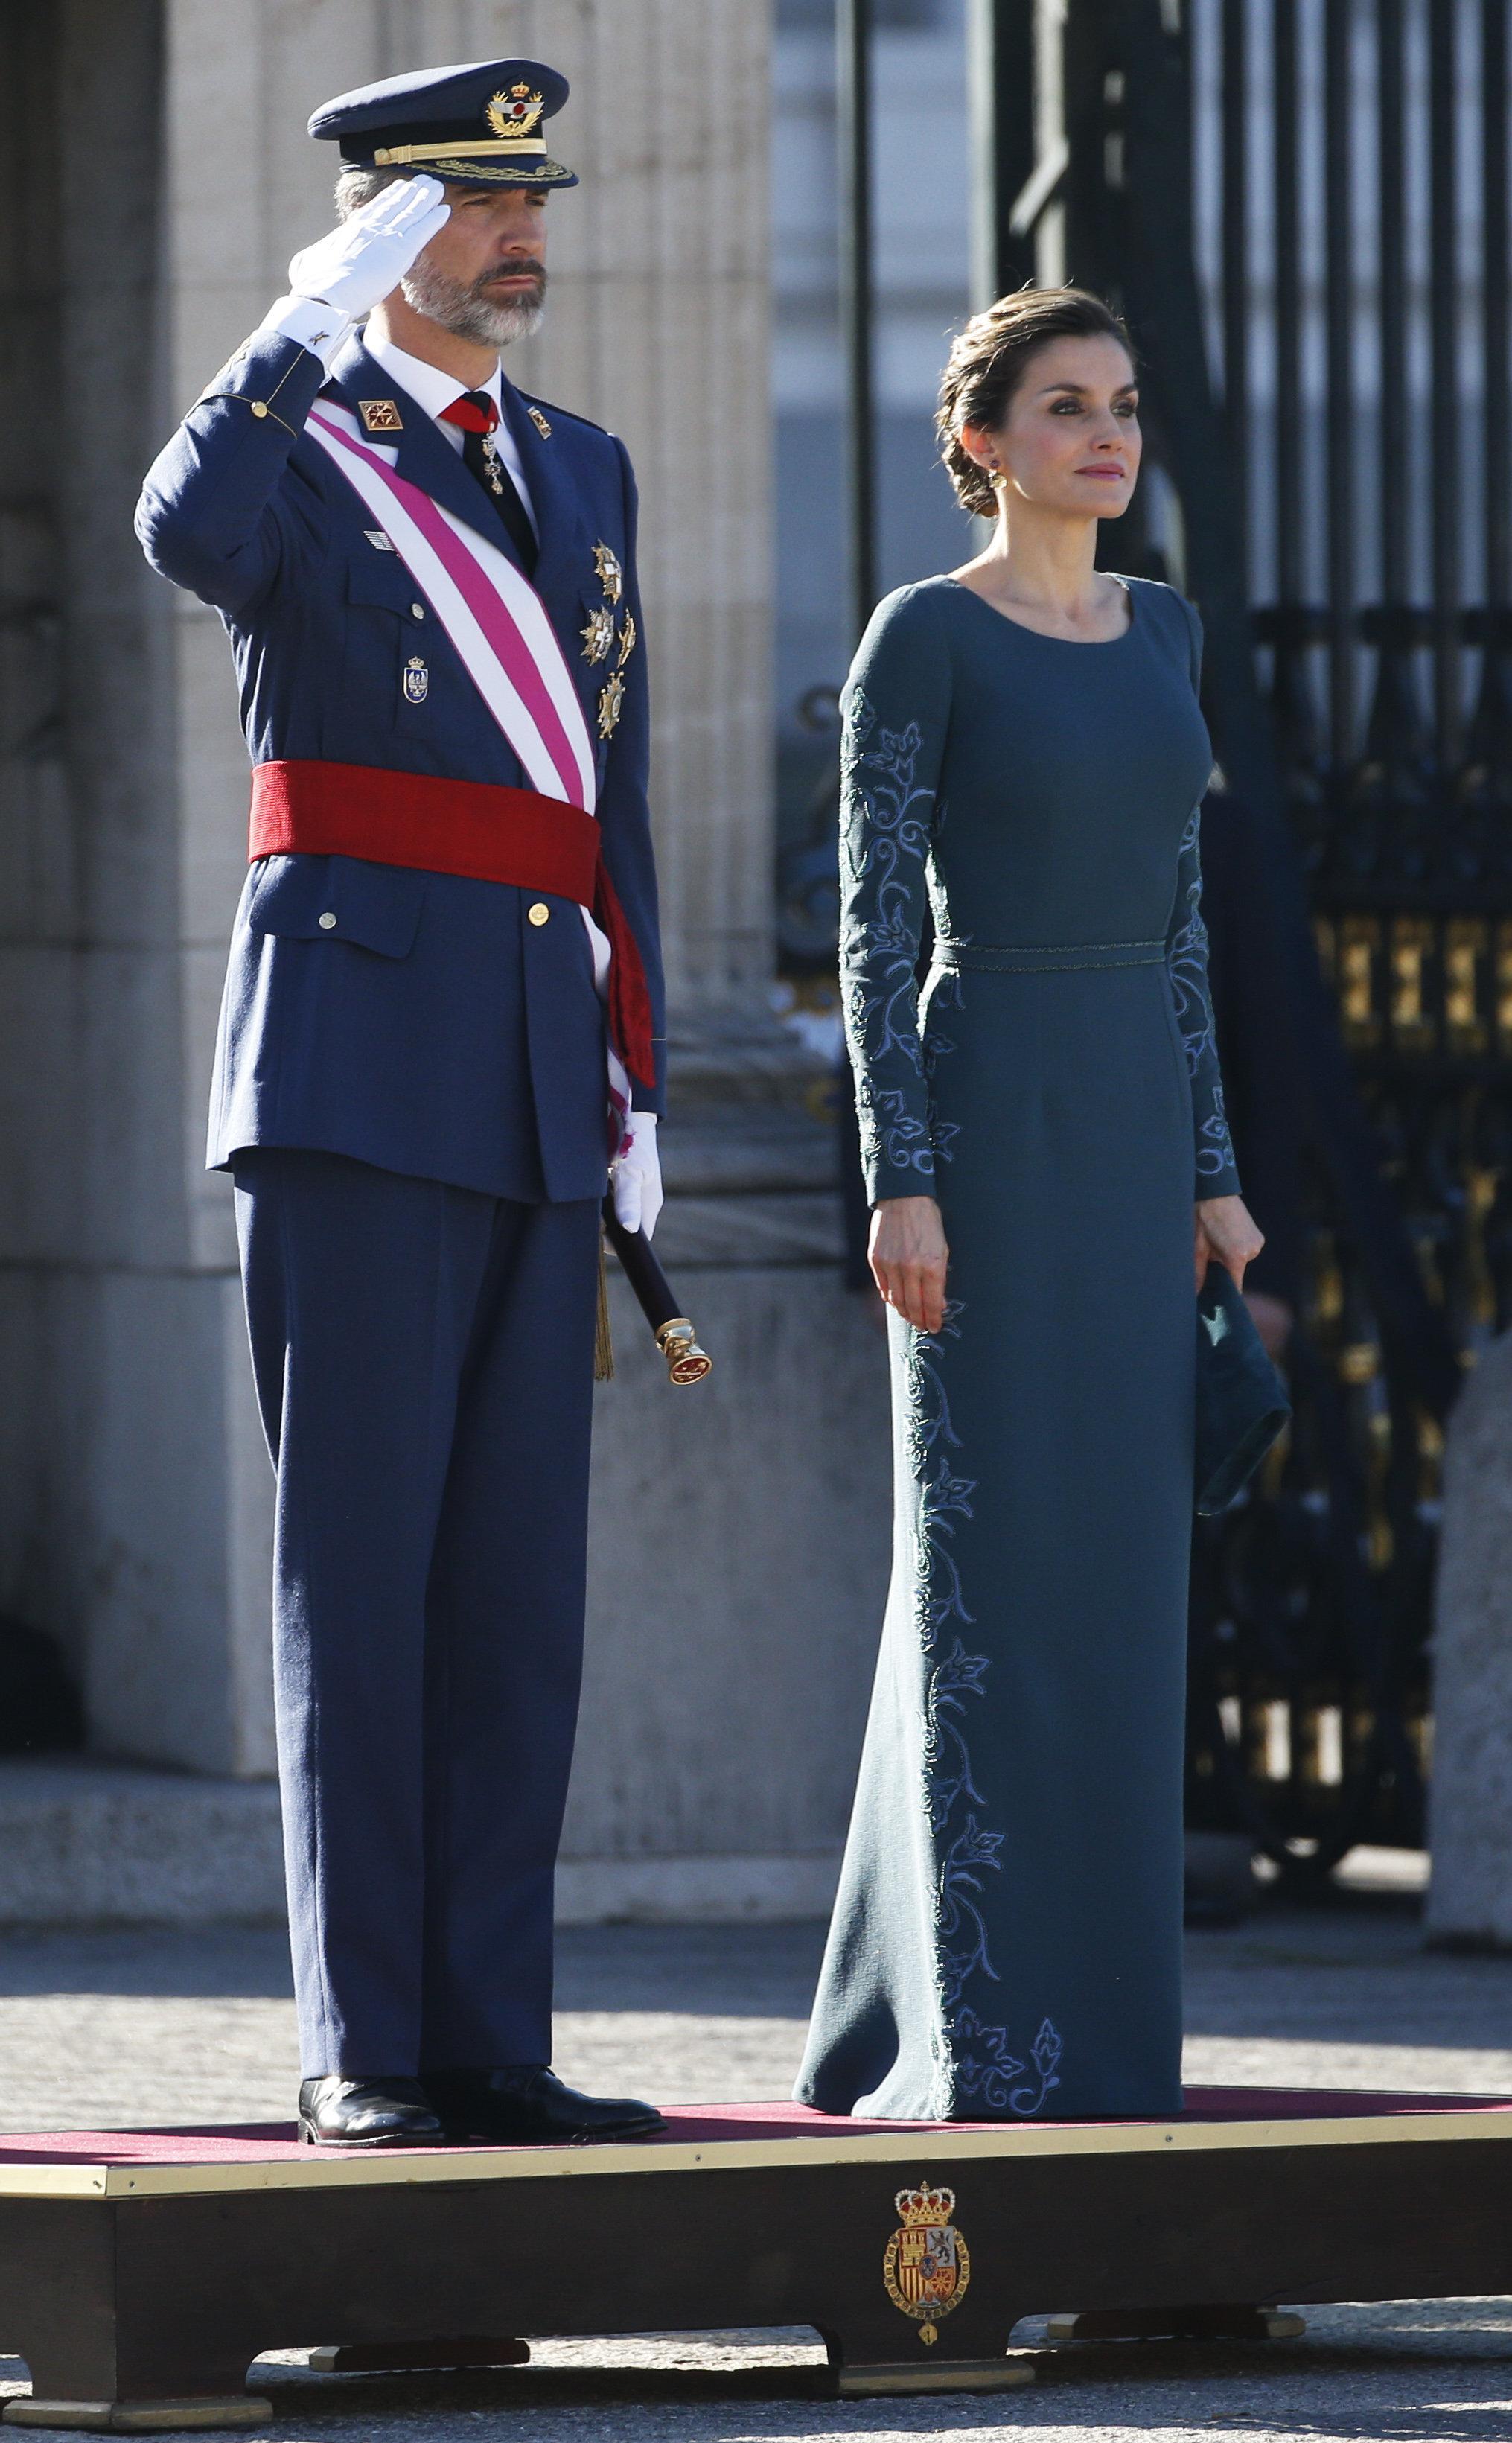 Король Испании Филипп VI и его супруга Королева Летисия слушают национальный гимн в Королевском дворце Мадрида